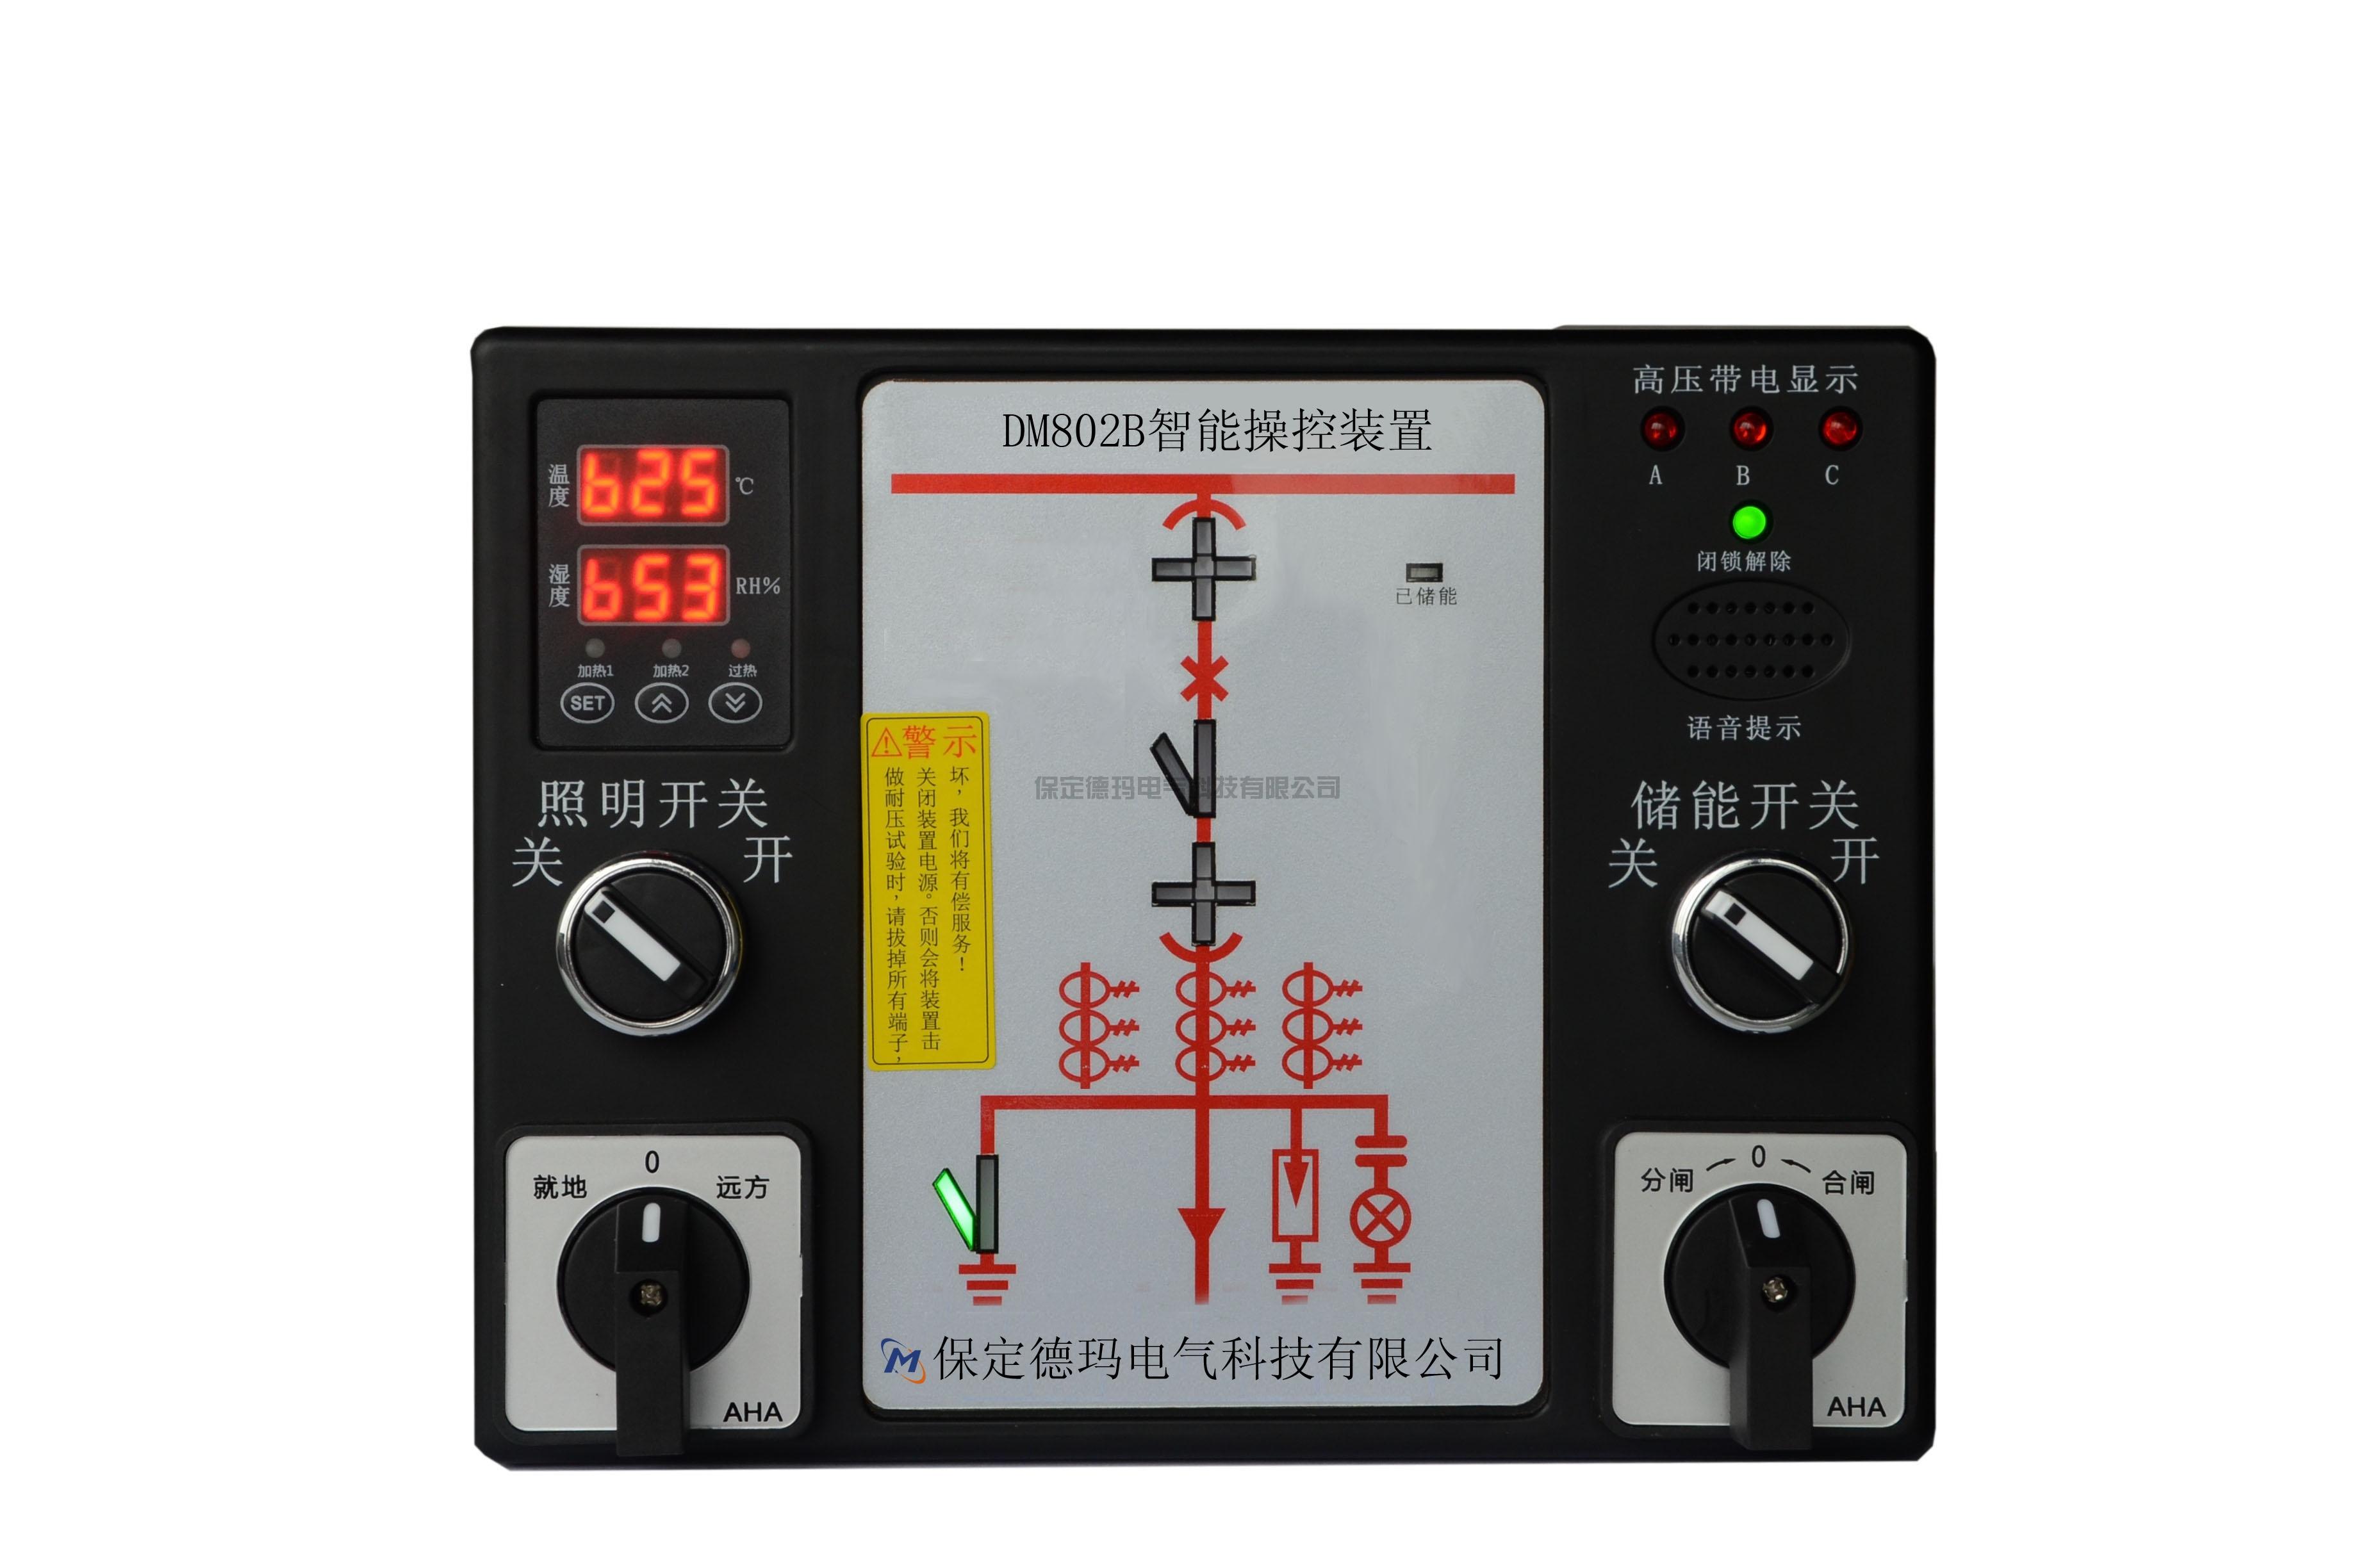 DM802B开关柜智能操显装置 (数码管显示)